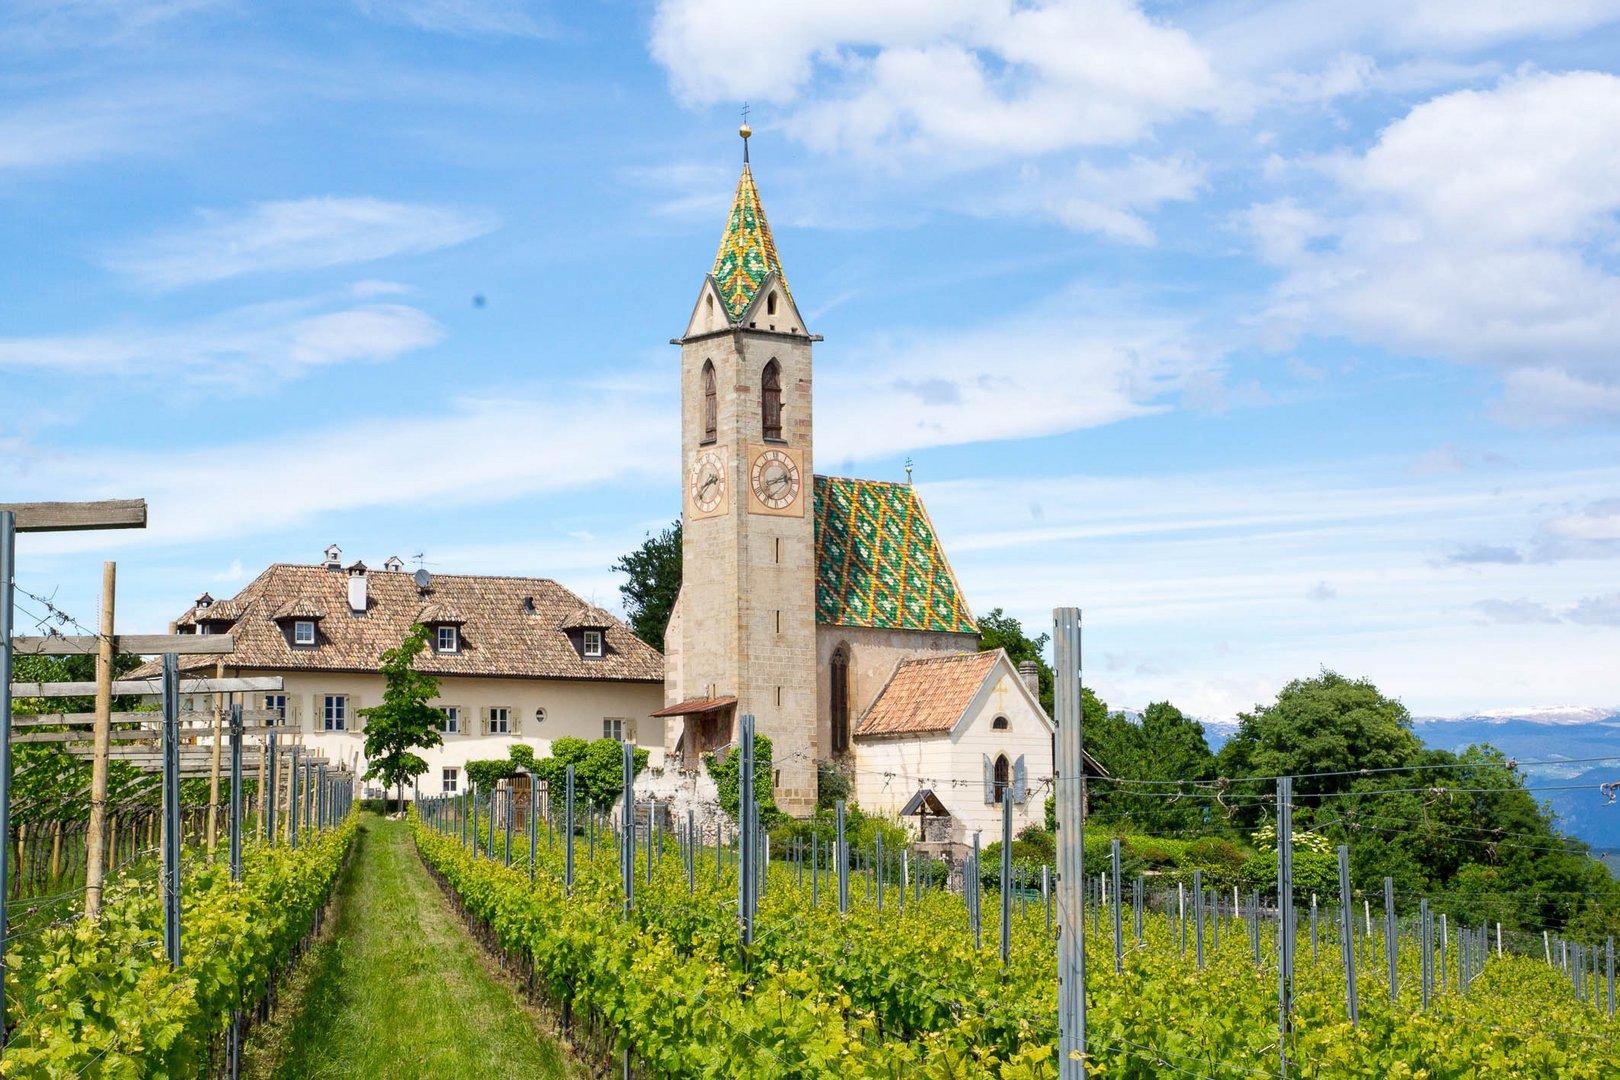 Dorf Altenburg mit Kirche